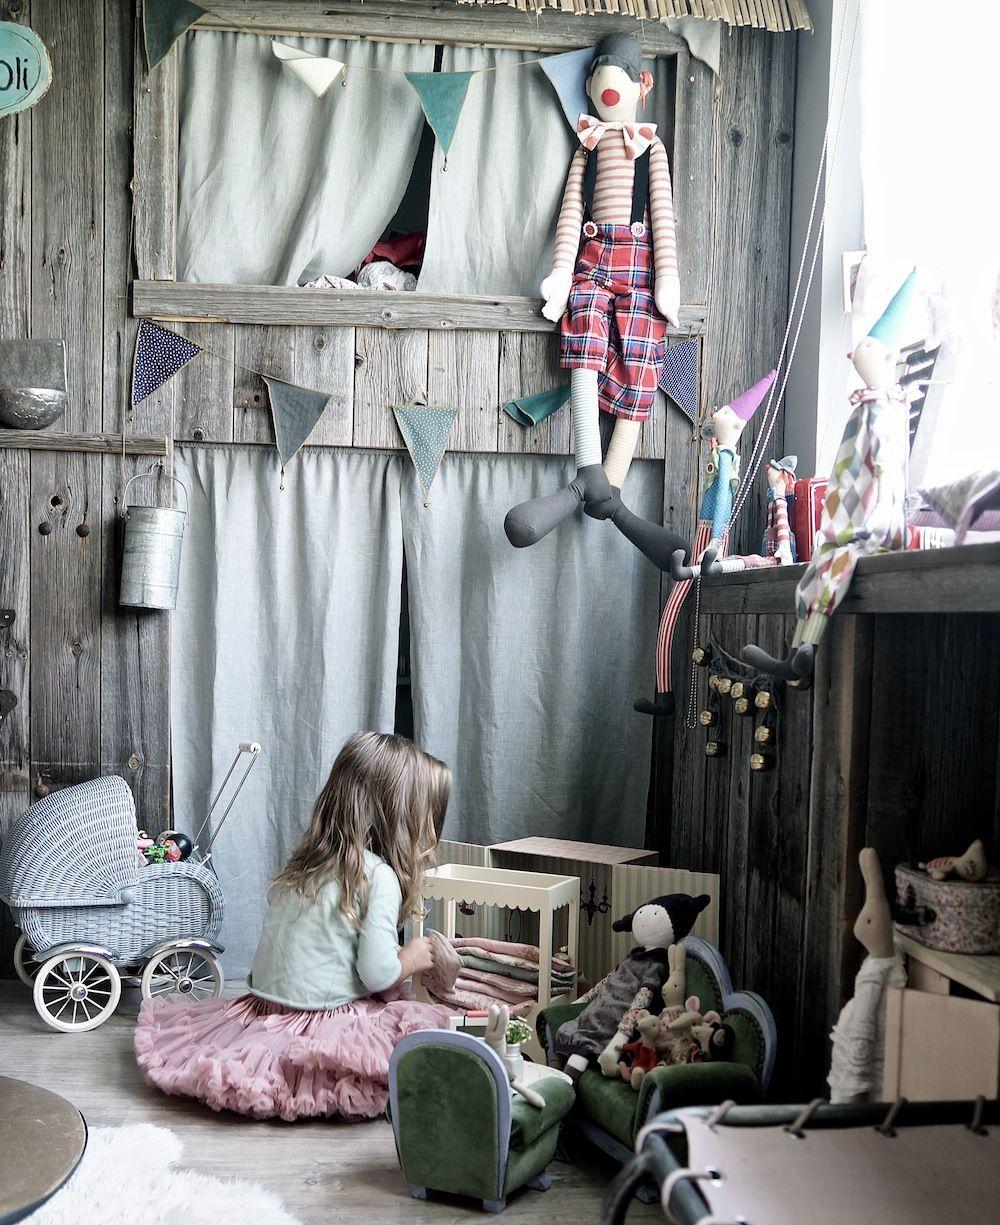 couleurs : vieux rose, gris | Déco - Lili in wonderland | Pinterest ...